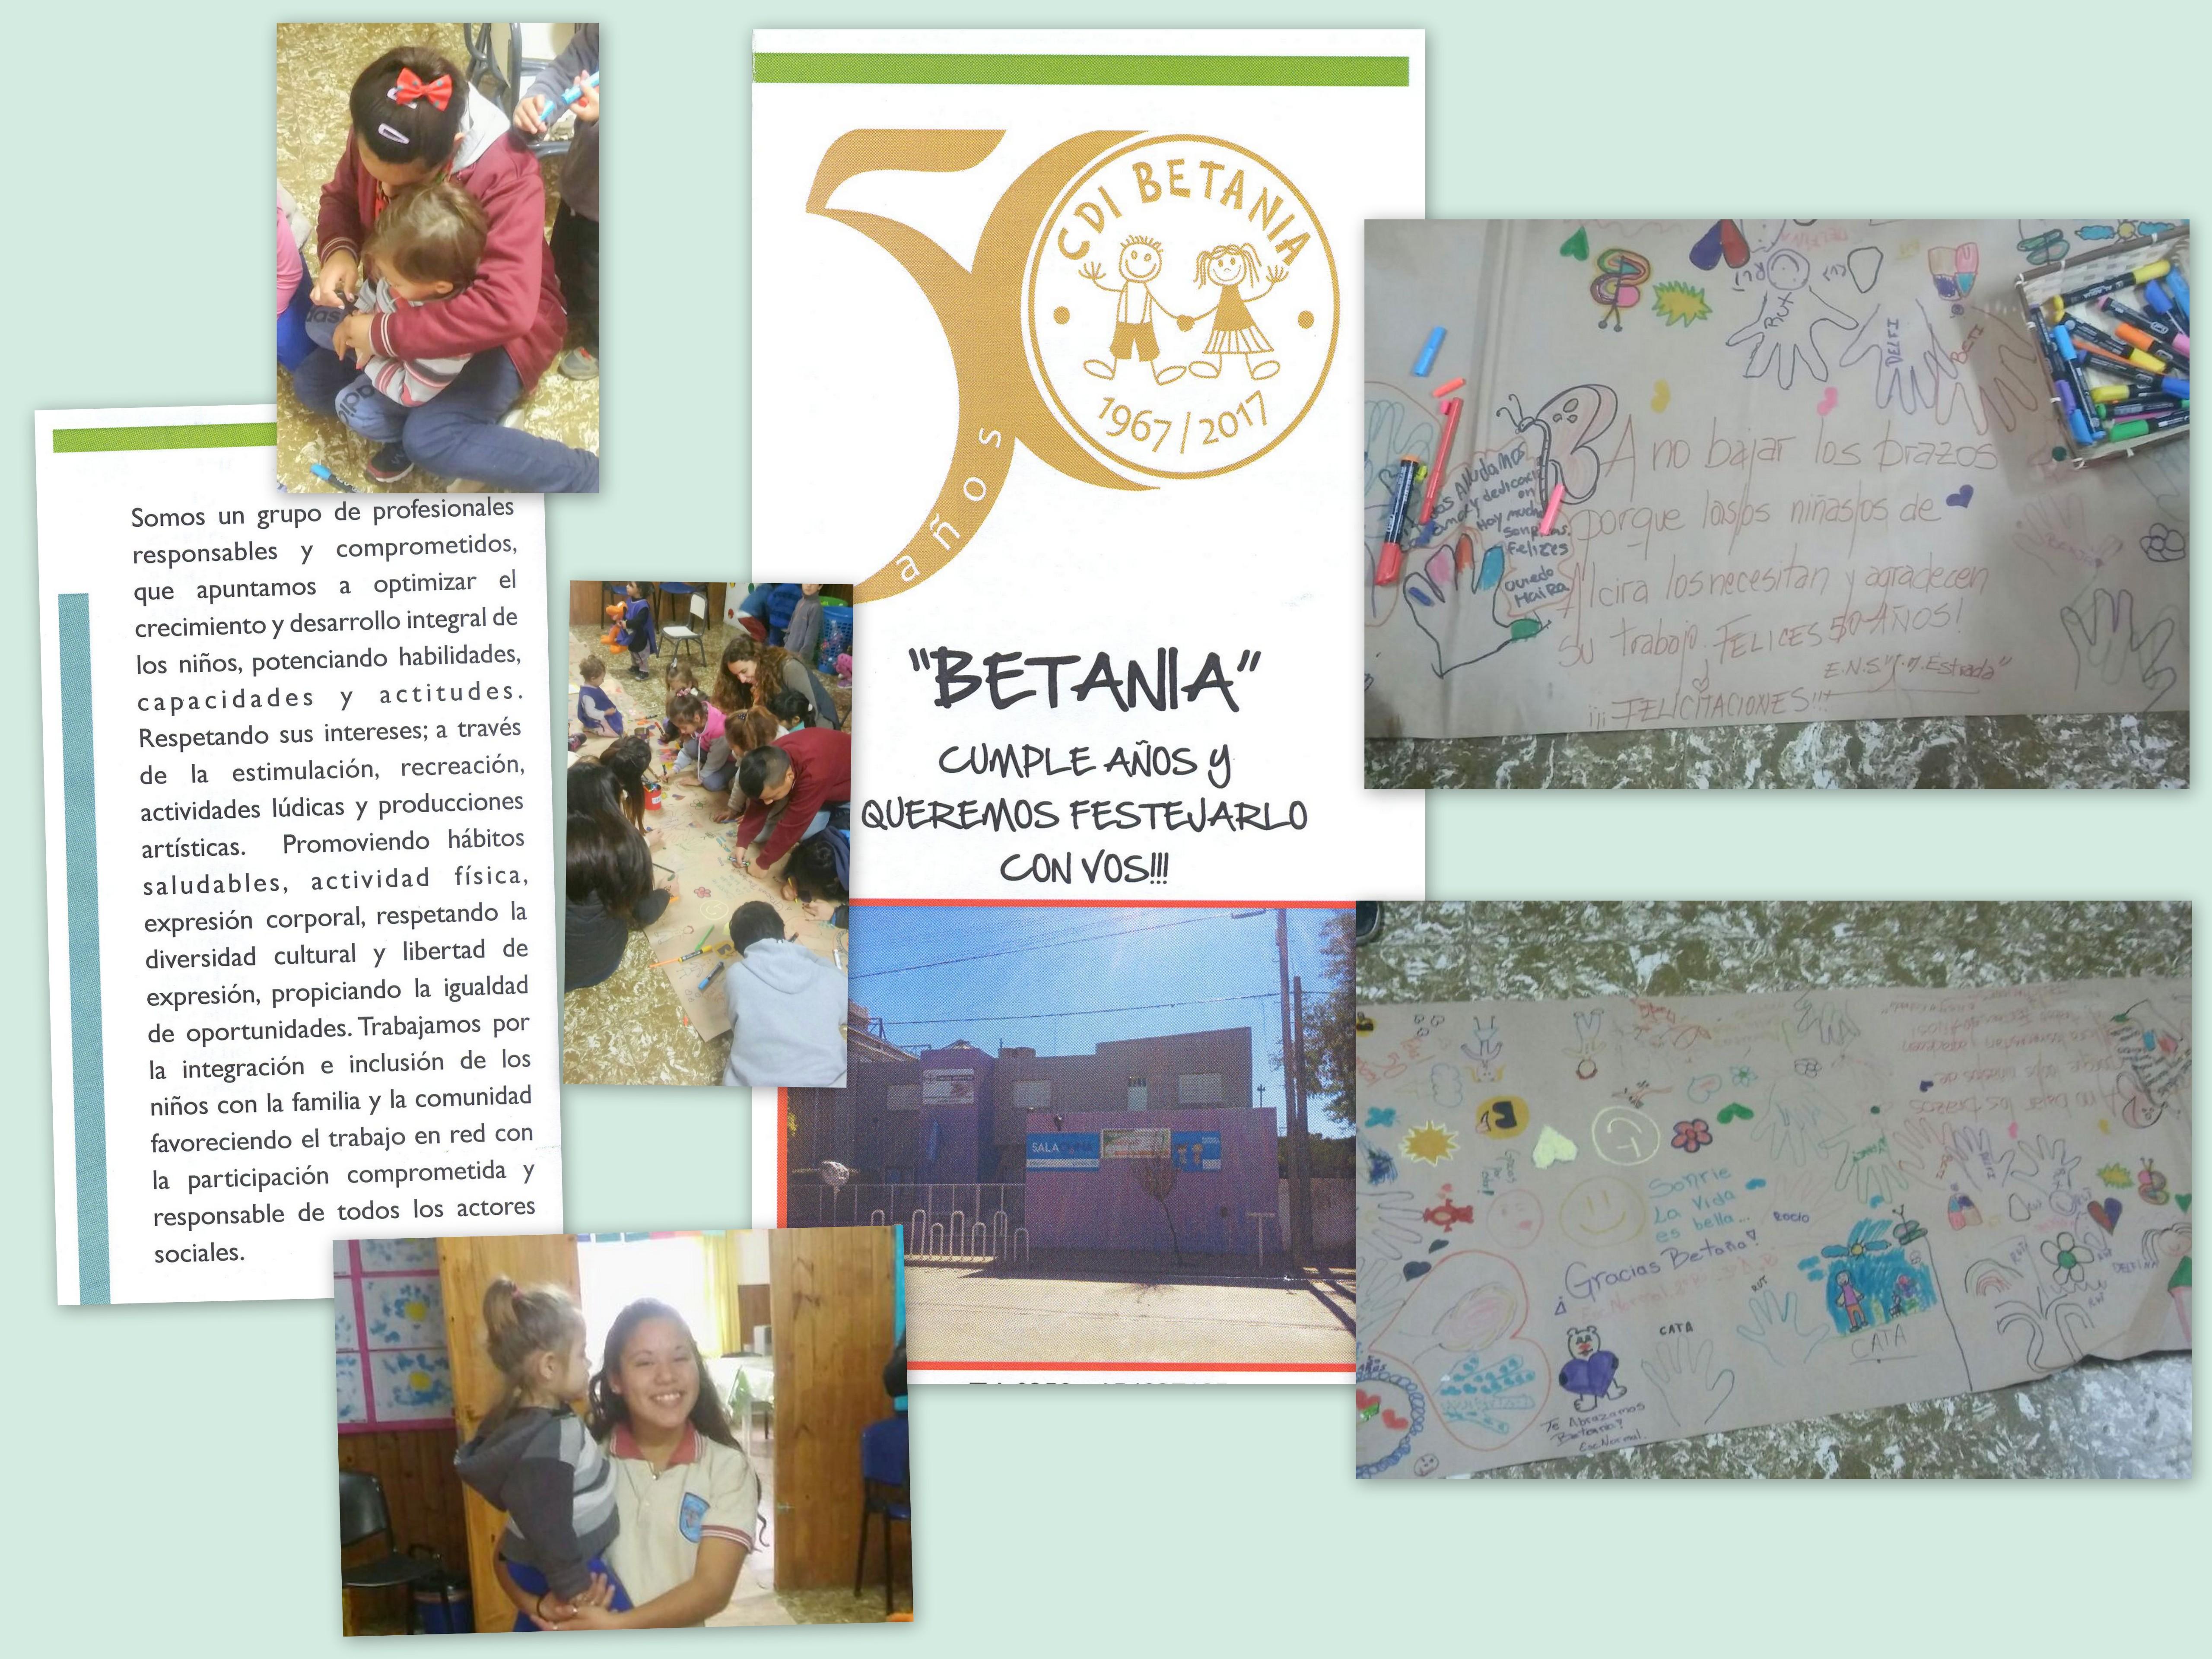 50 años Betania